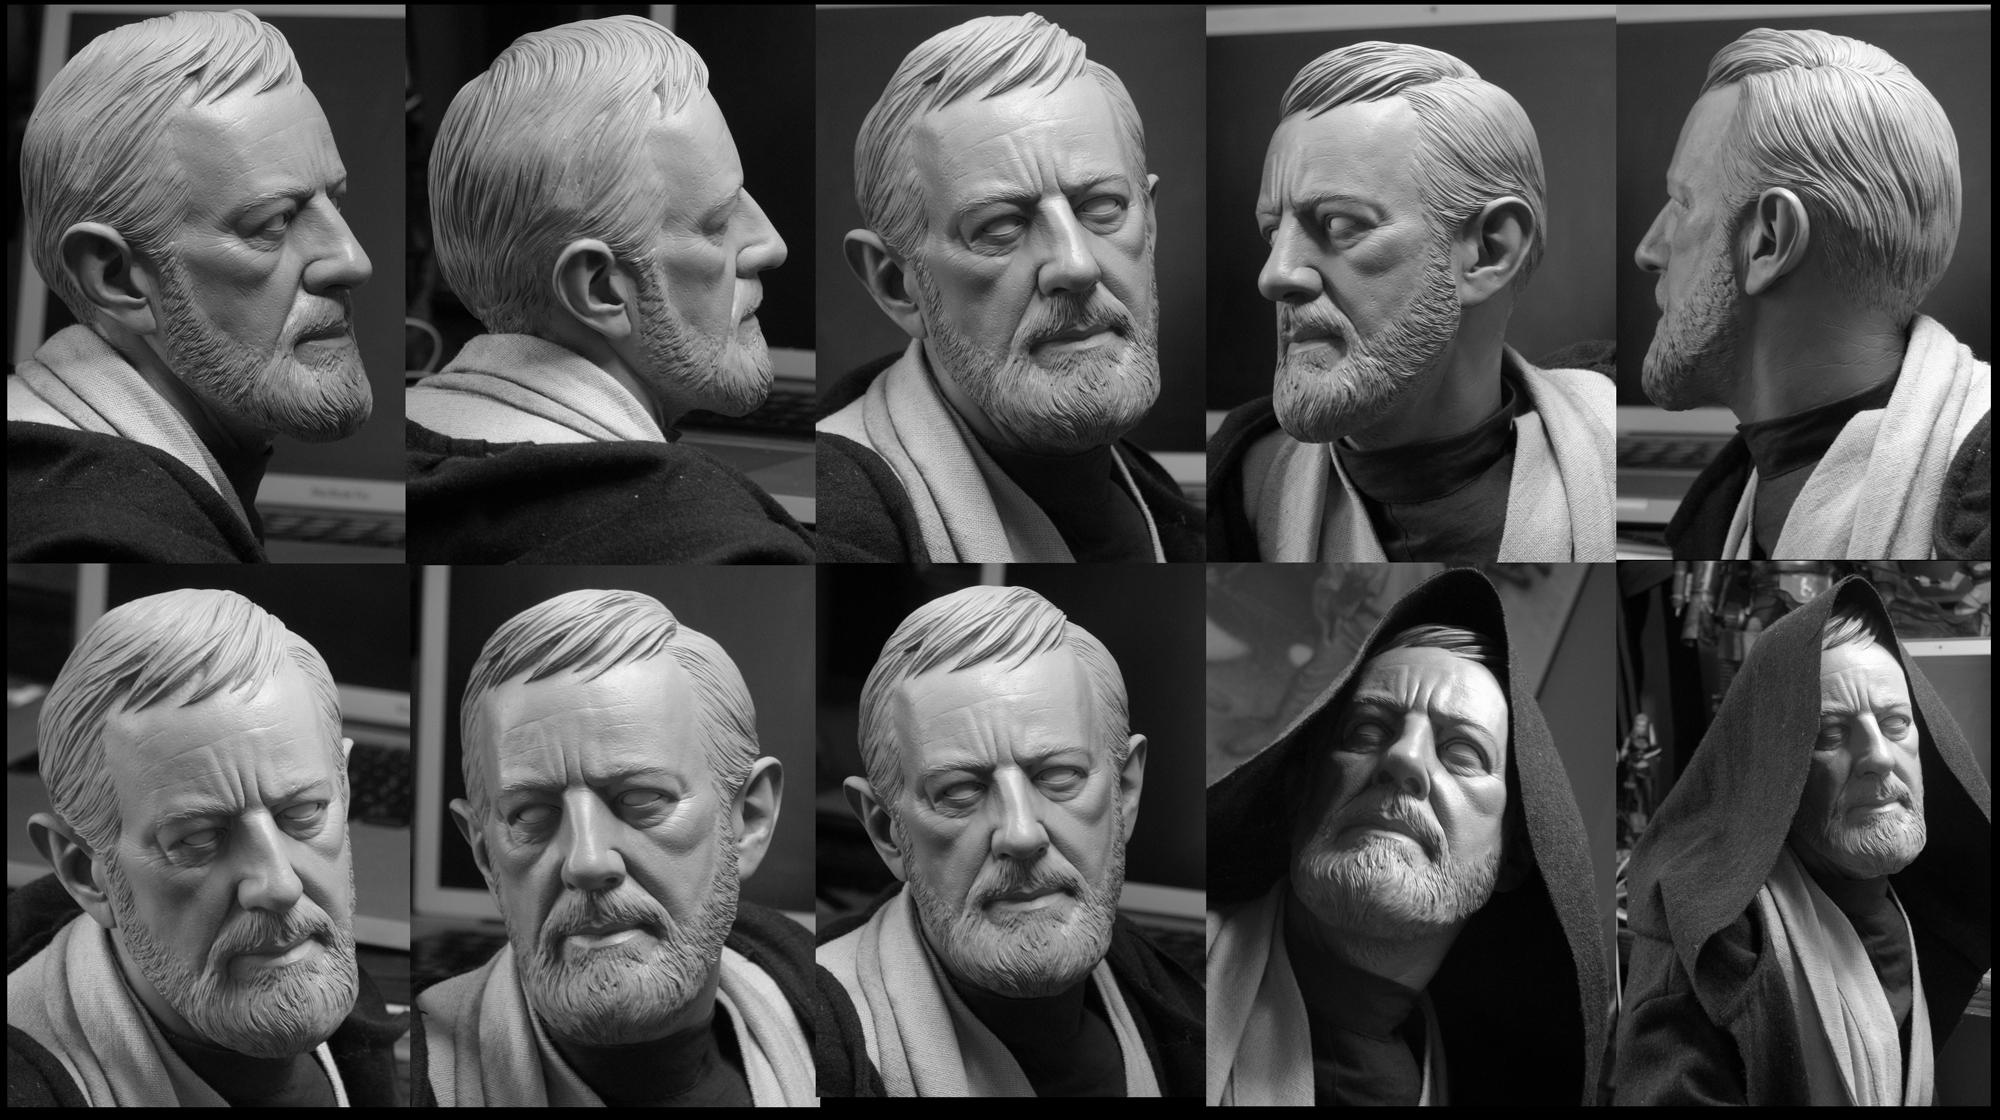 1:2 Scale Ben Kenobi by TrevorGrove